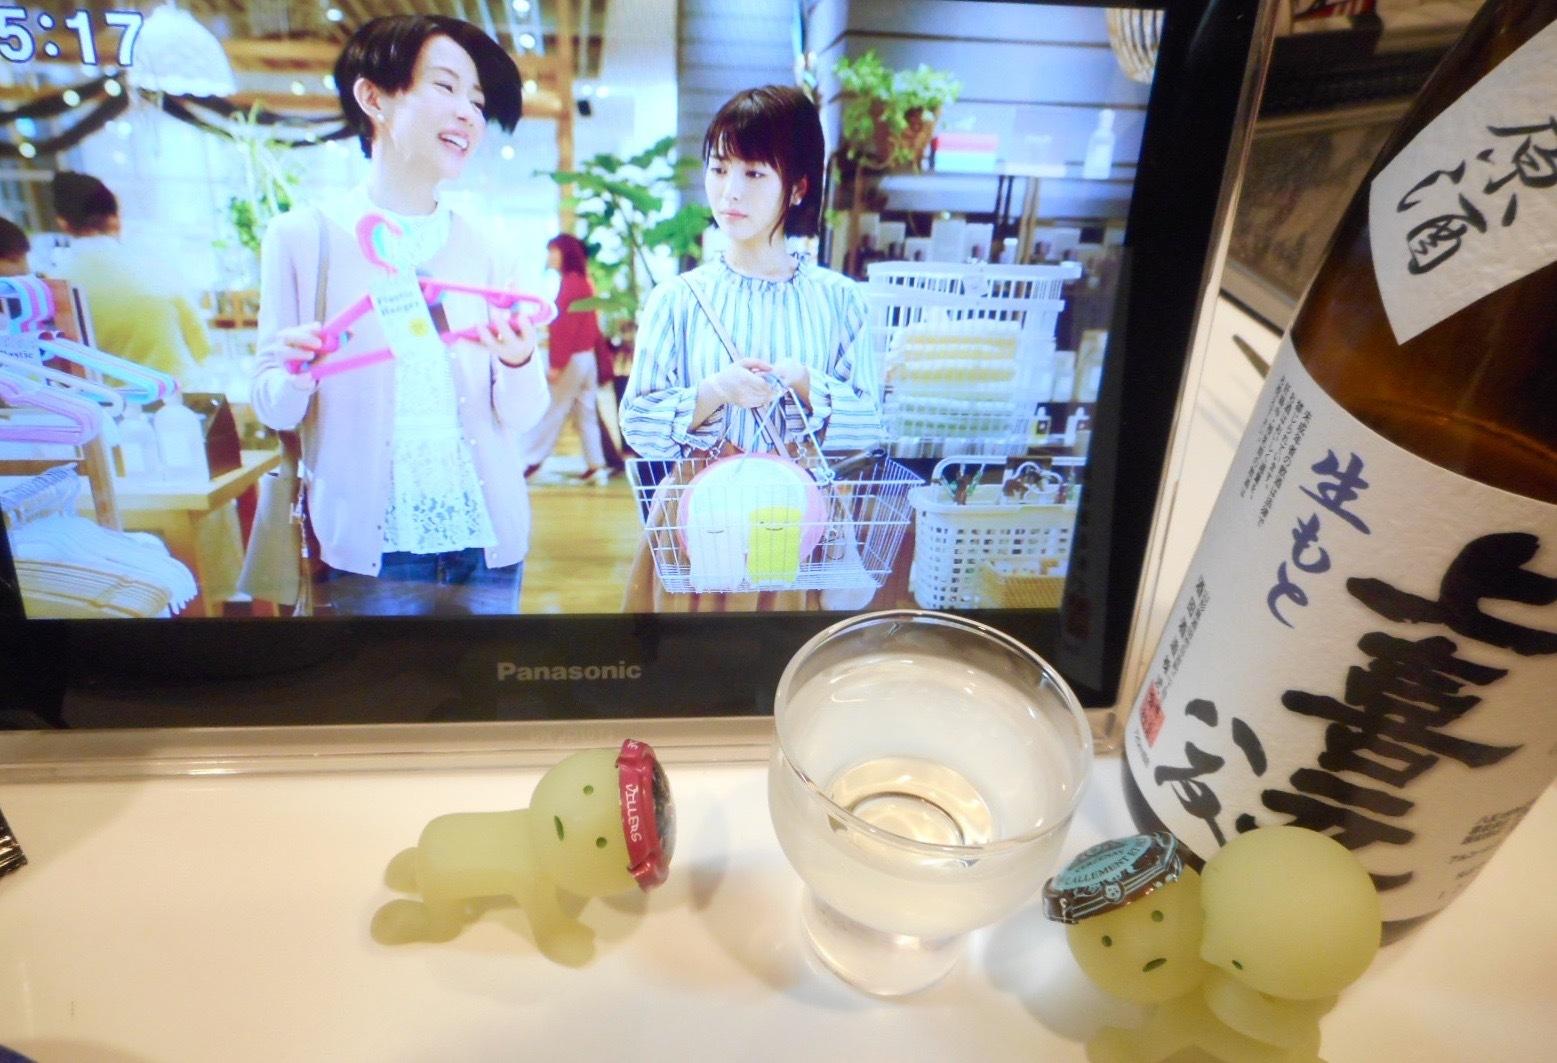 joukigen_kimoto_hattan28by4_4.jpg